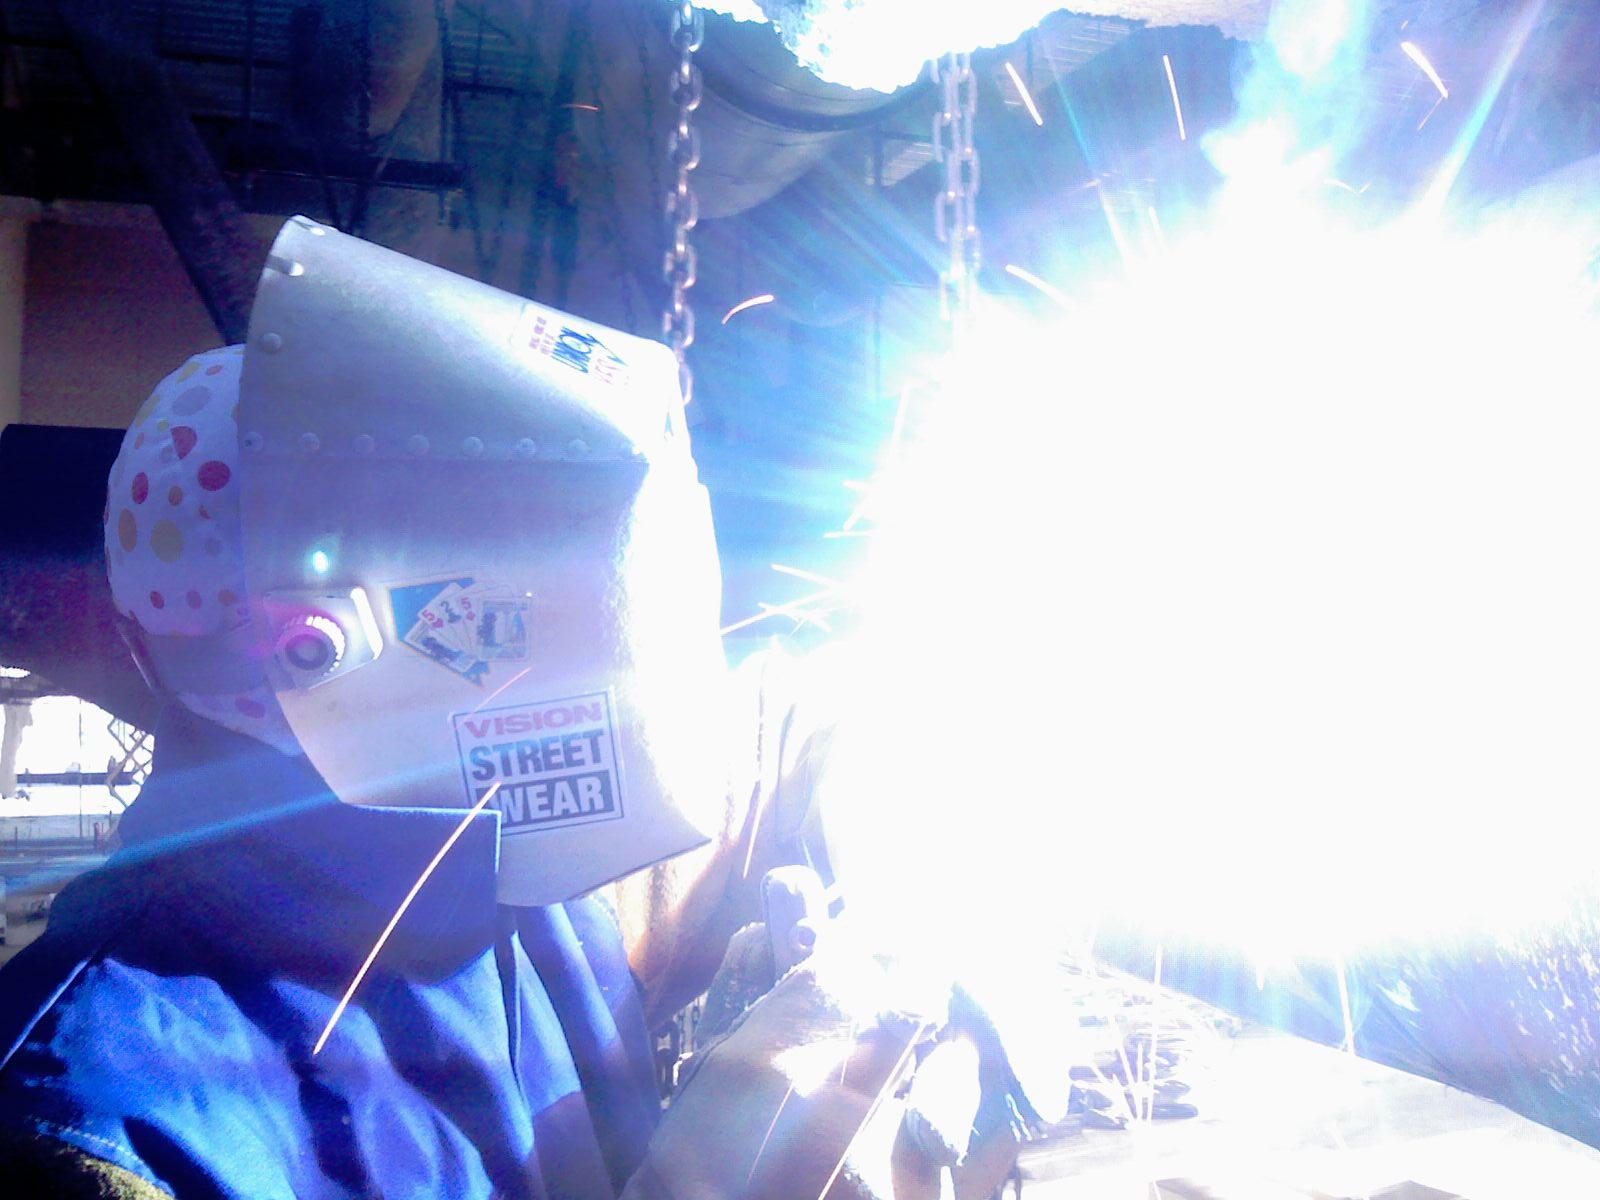 Pipefitter welder kutzo.jpg